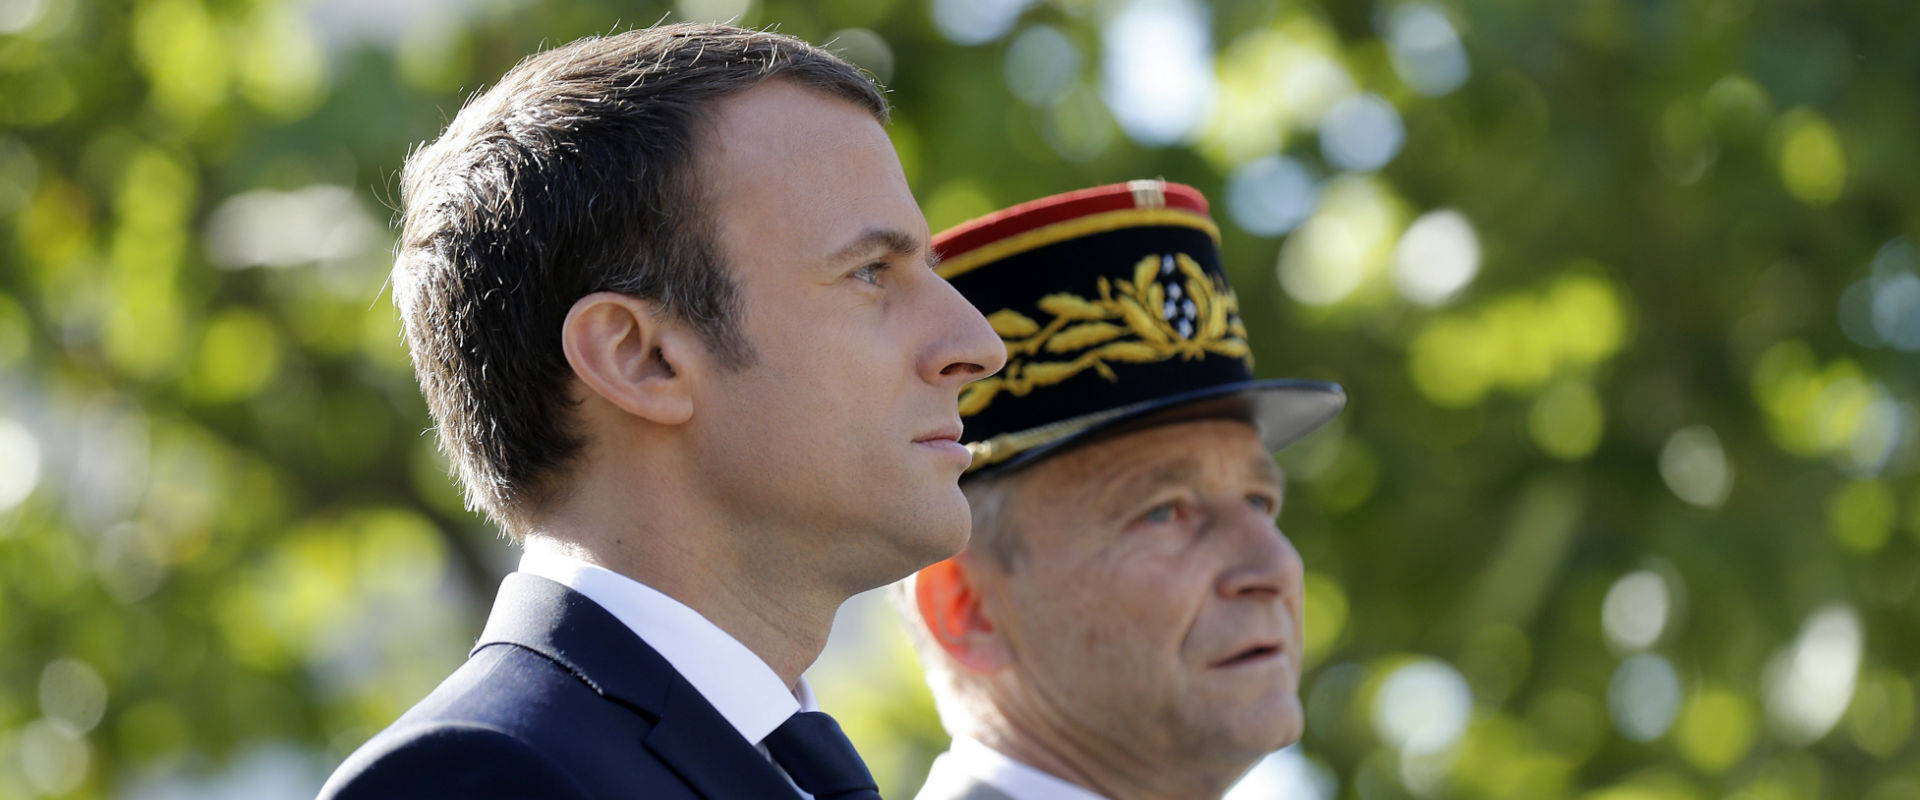 """נשיא צרפת, עמנואל מקרון, והרמטכ""""ל פייר דה וייר (צי"""